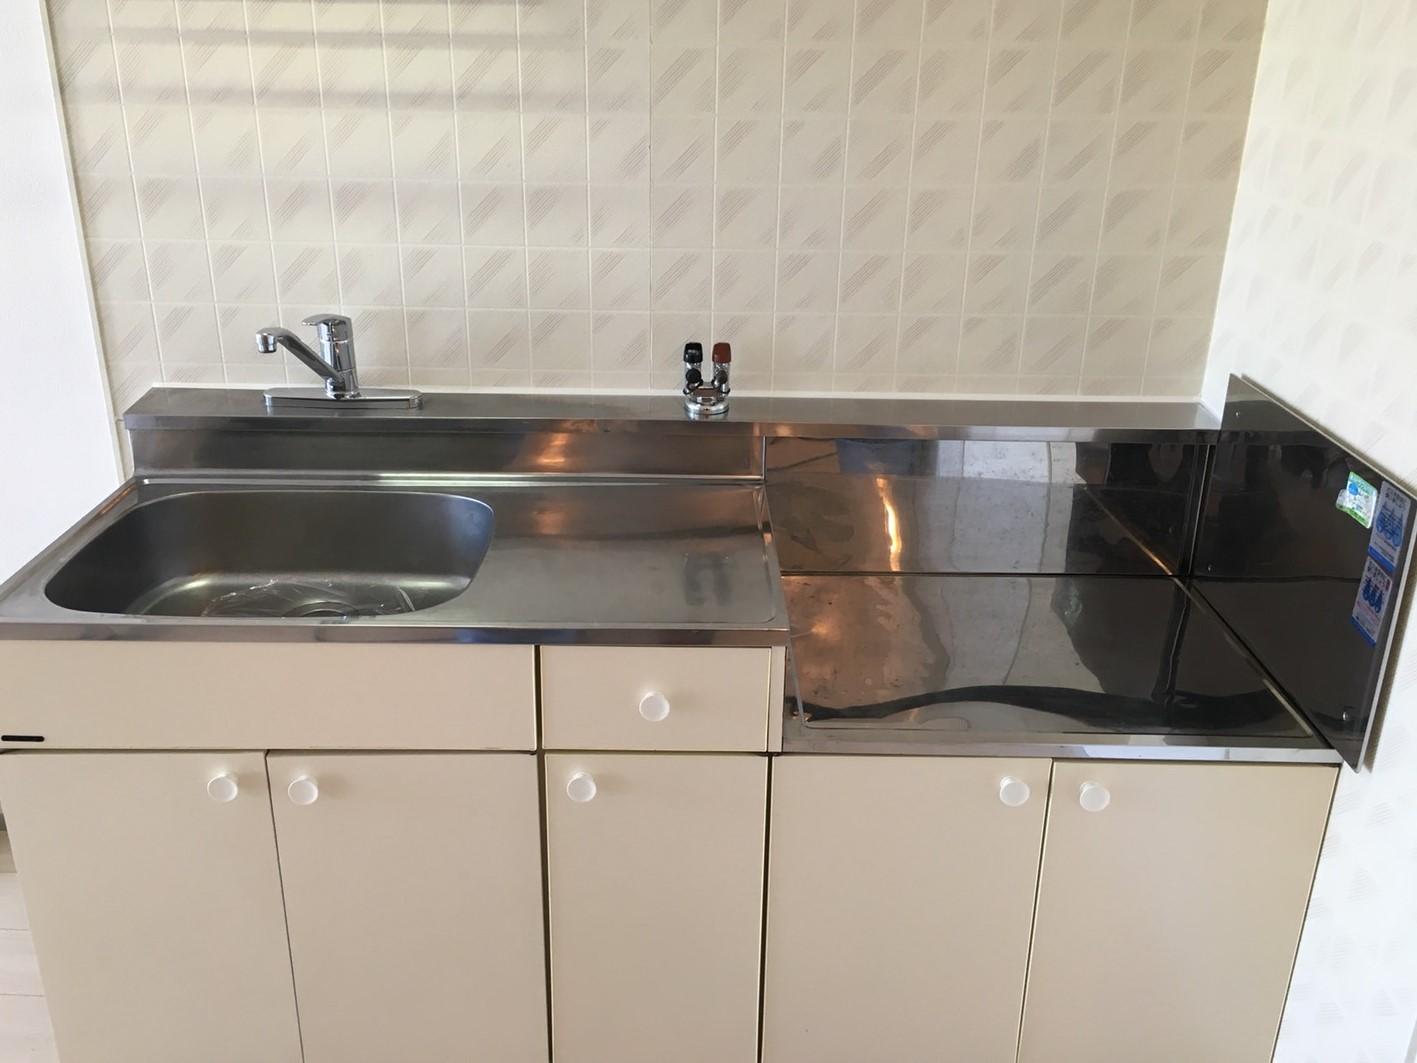 台所(水回り)シンク清掃・ハウスクリーニング・リピート率NO.1 !綺麗なキッチンはおそうじプラスにお任せ下さい!お見積はもちろん出張料も無料